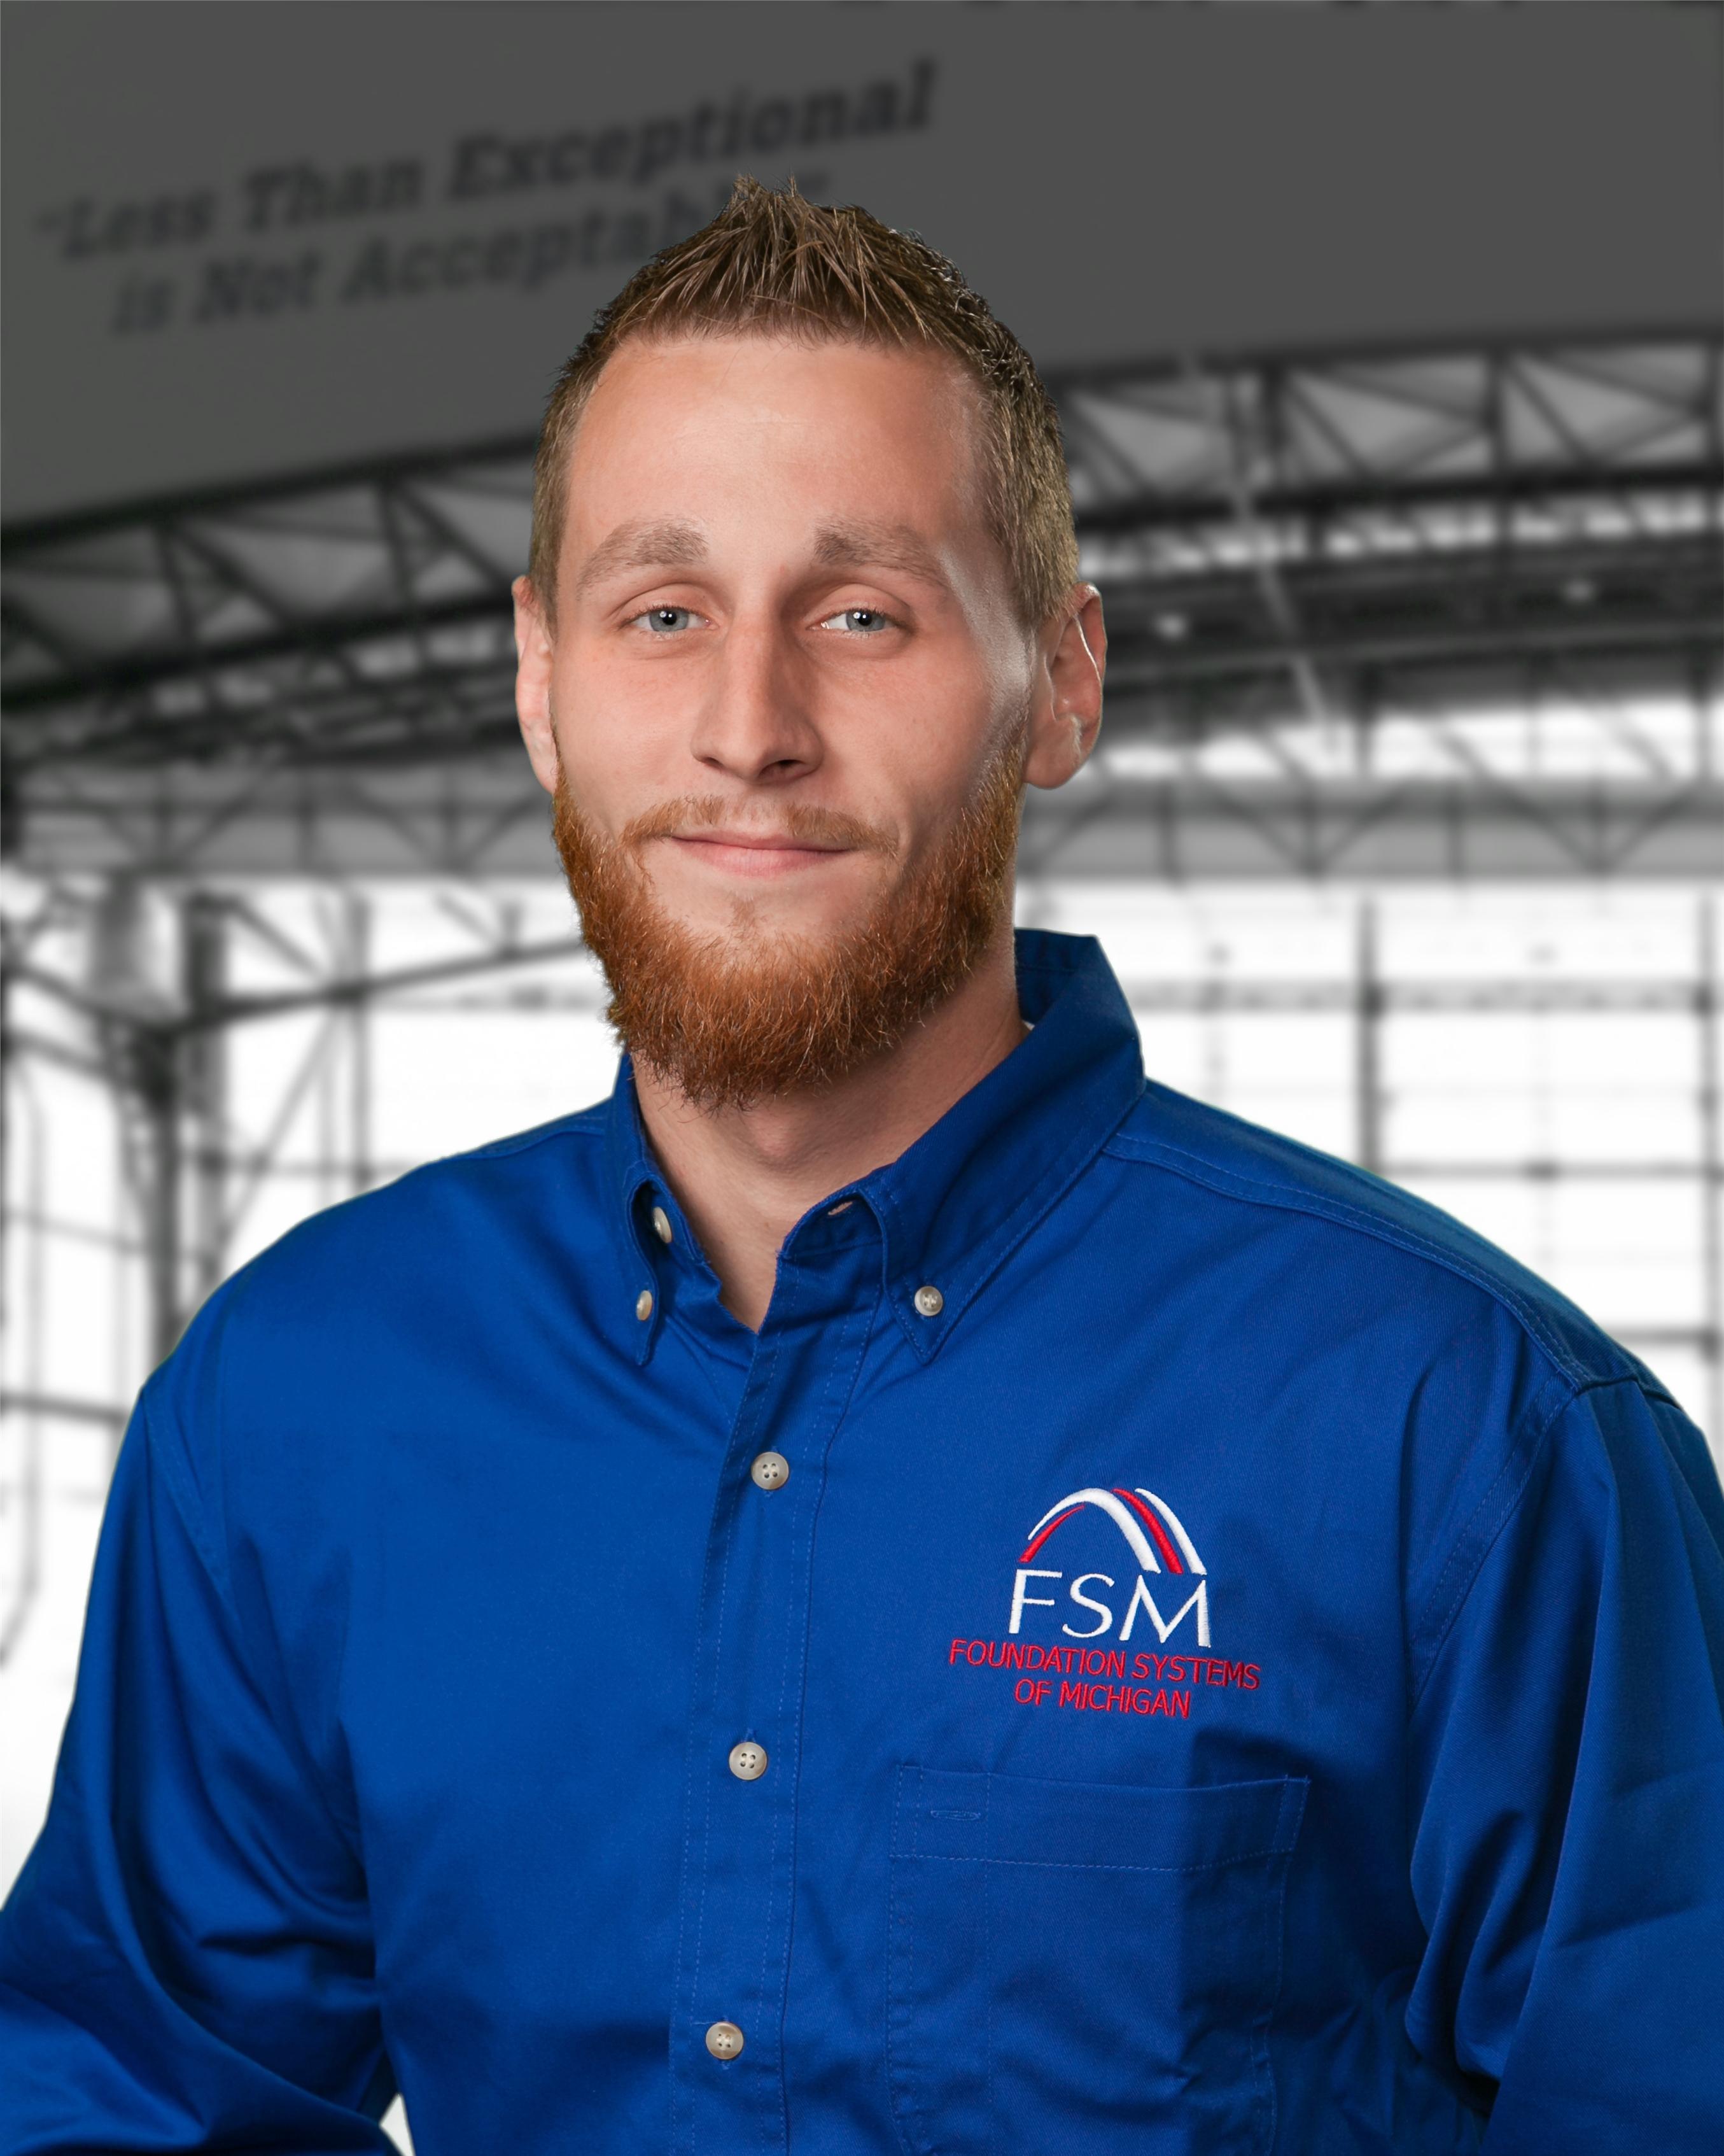 FSM Tim Debusk Foreman